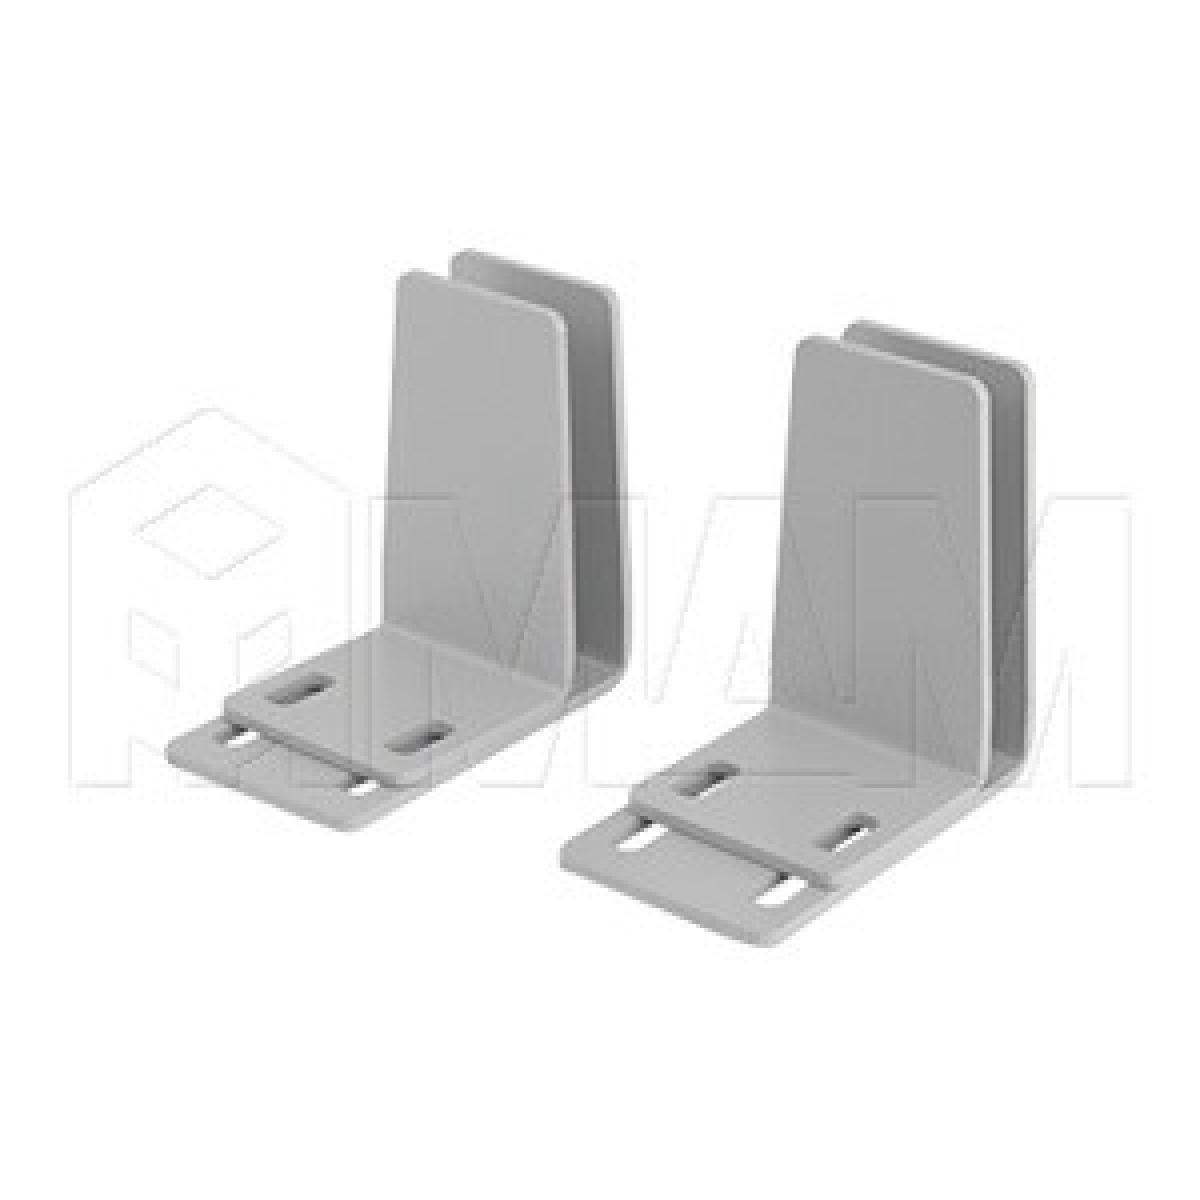 Крепление экрана-перегородки над столом, комплект для одинарного стола